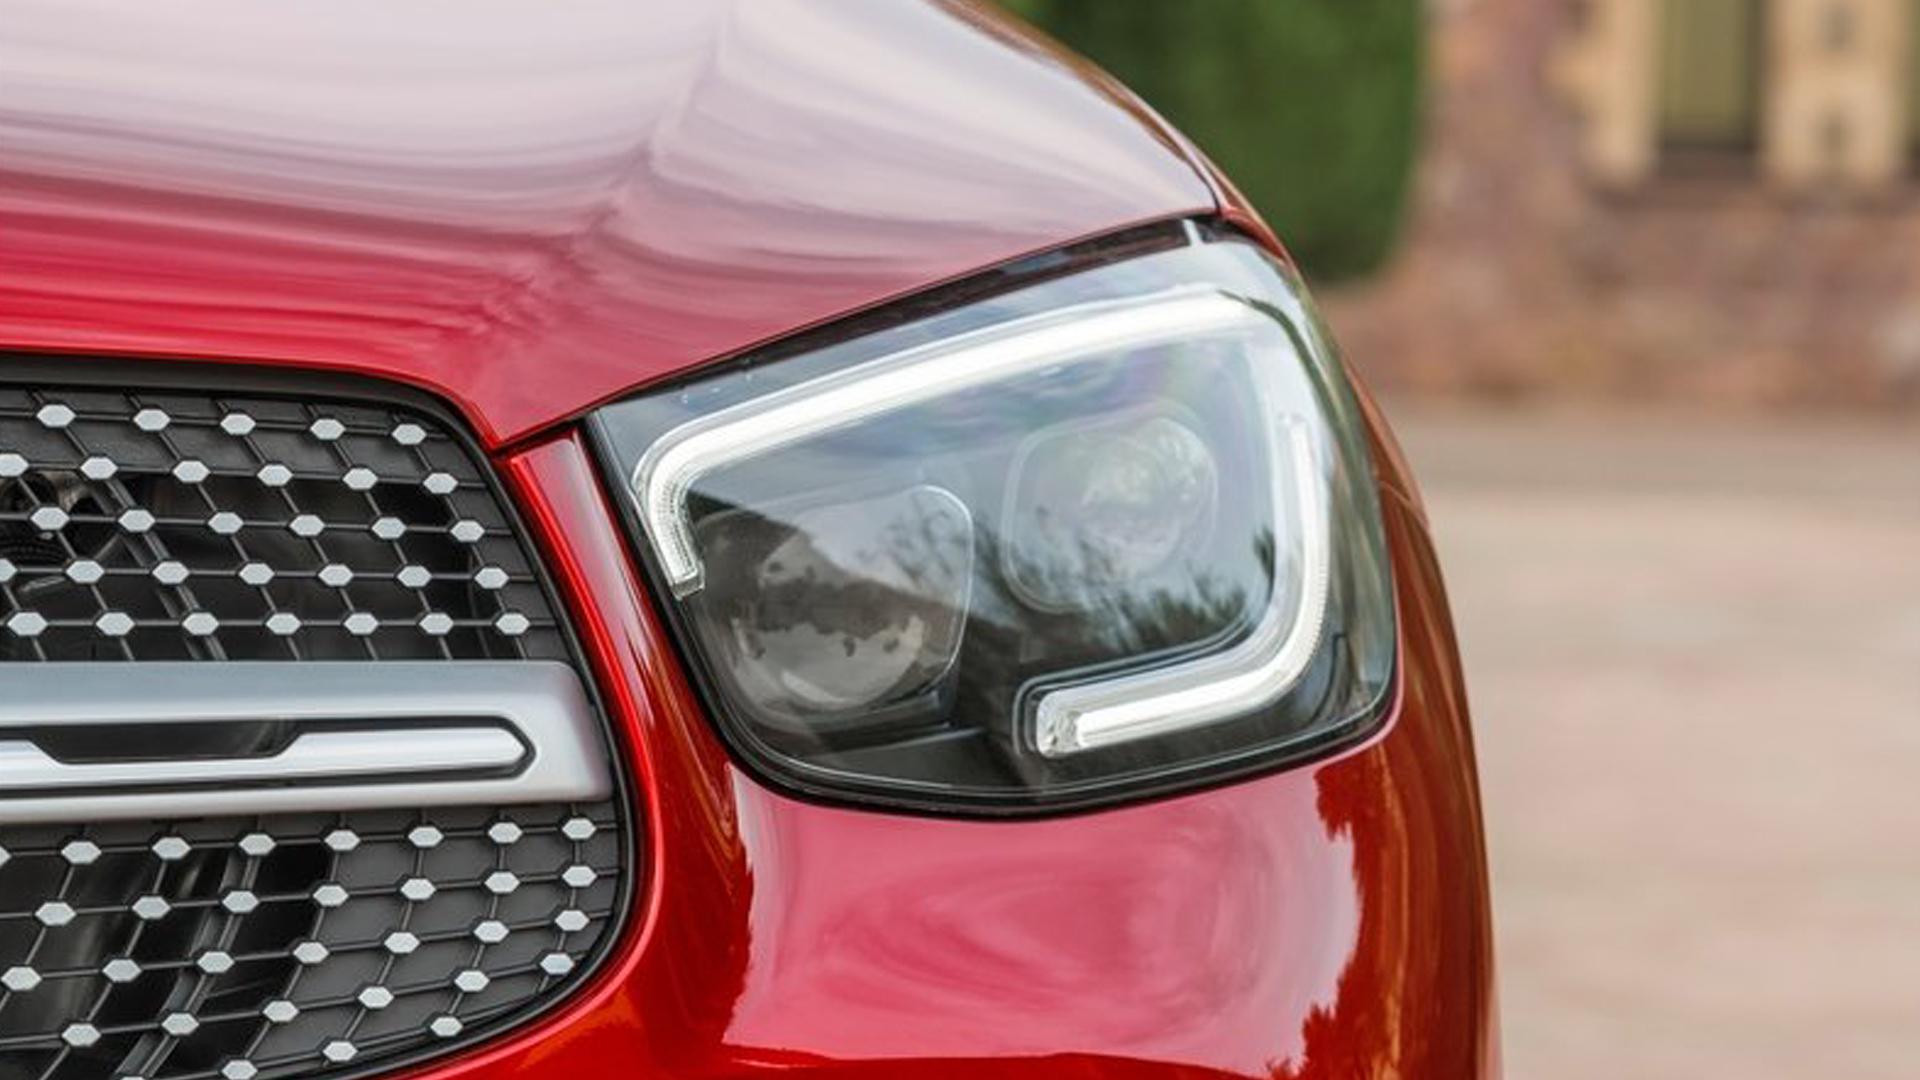 wp_MBleuchte_0000_Mercedes-Benz-GLC_Coupe-2020-1600-a7